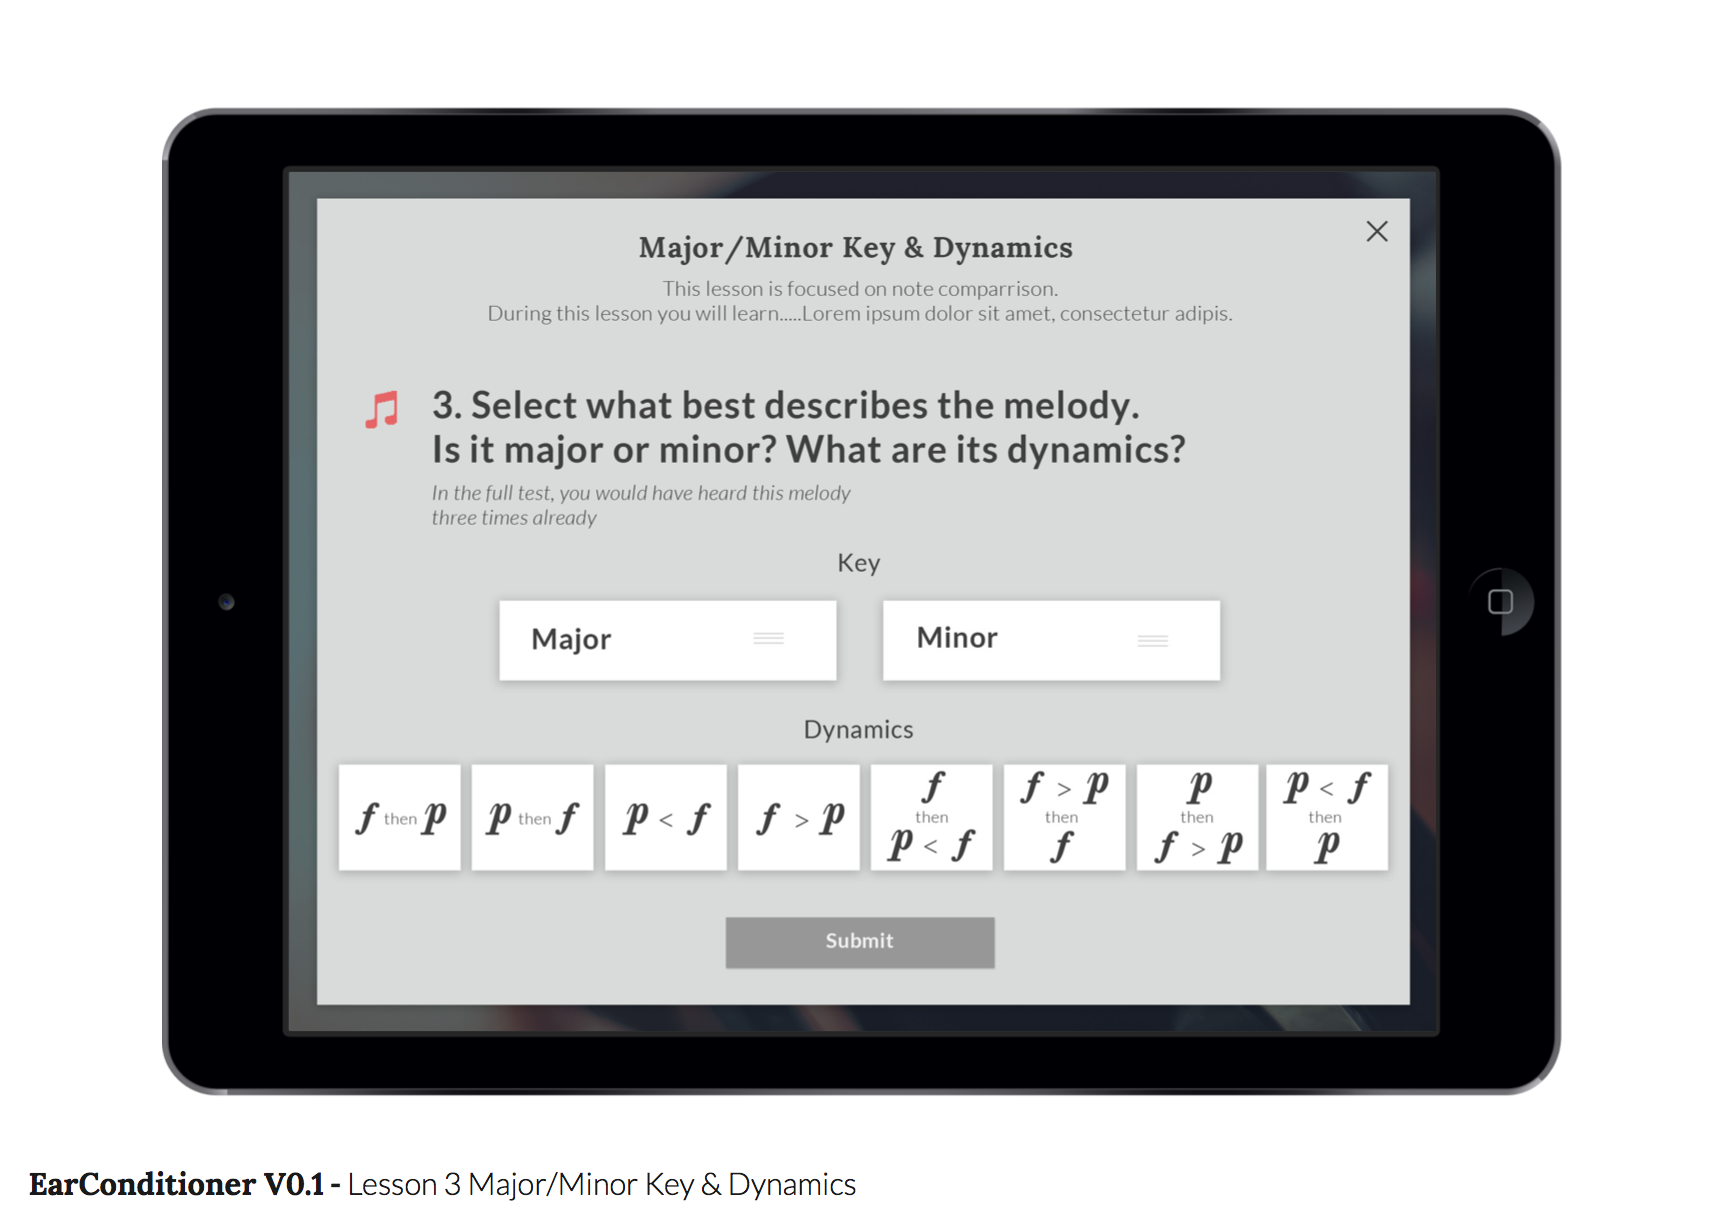 majorminor keys